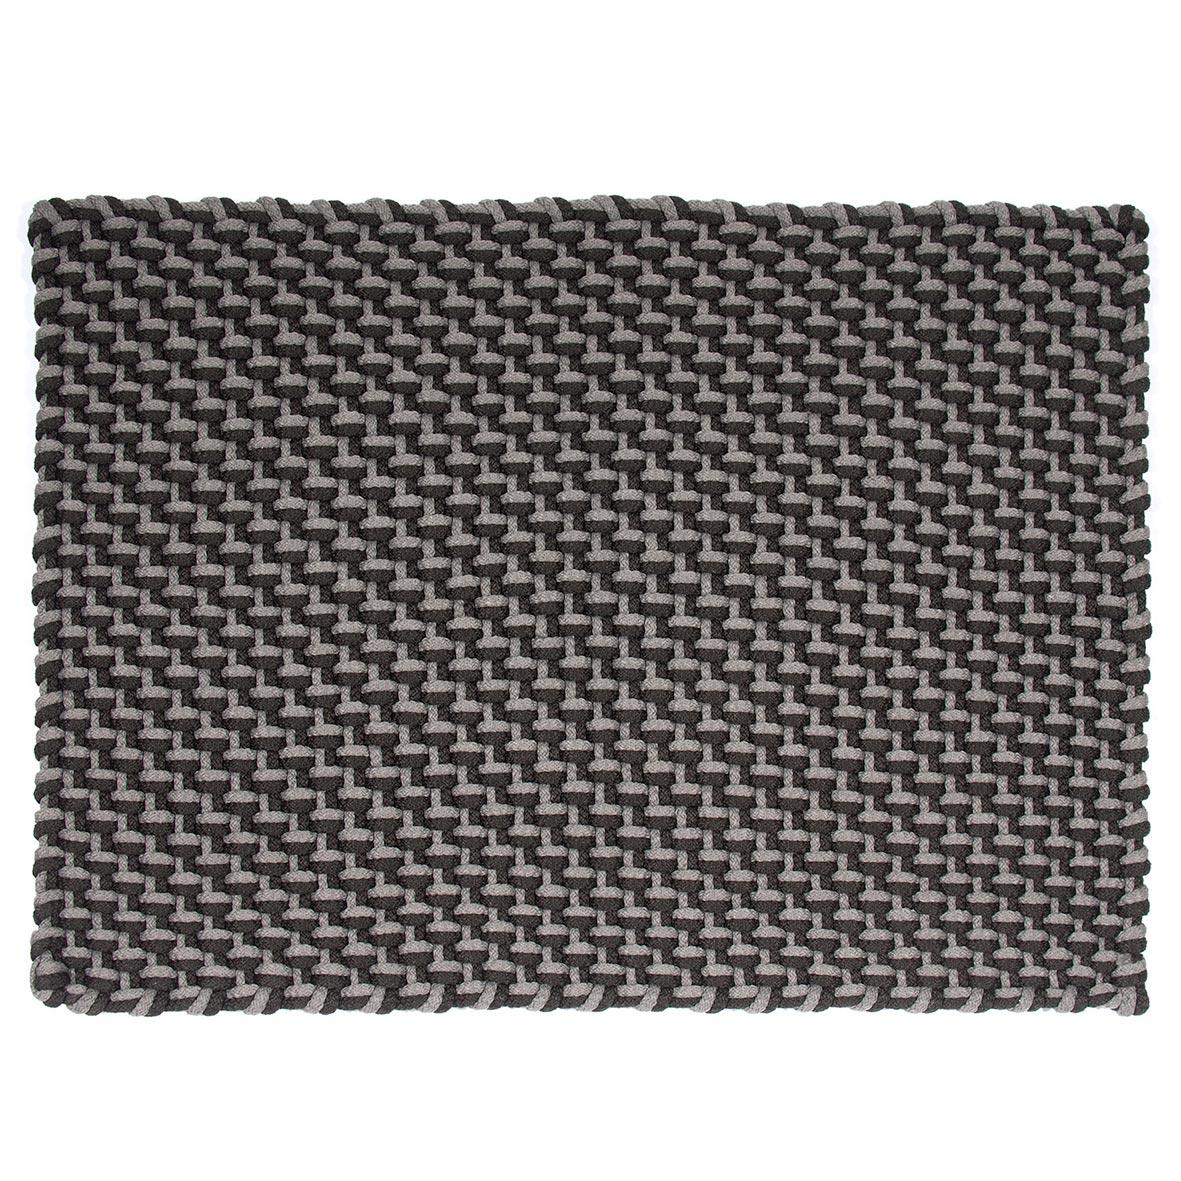 Pool utomhusmatta från PADConcept i grått och svart.